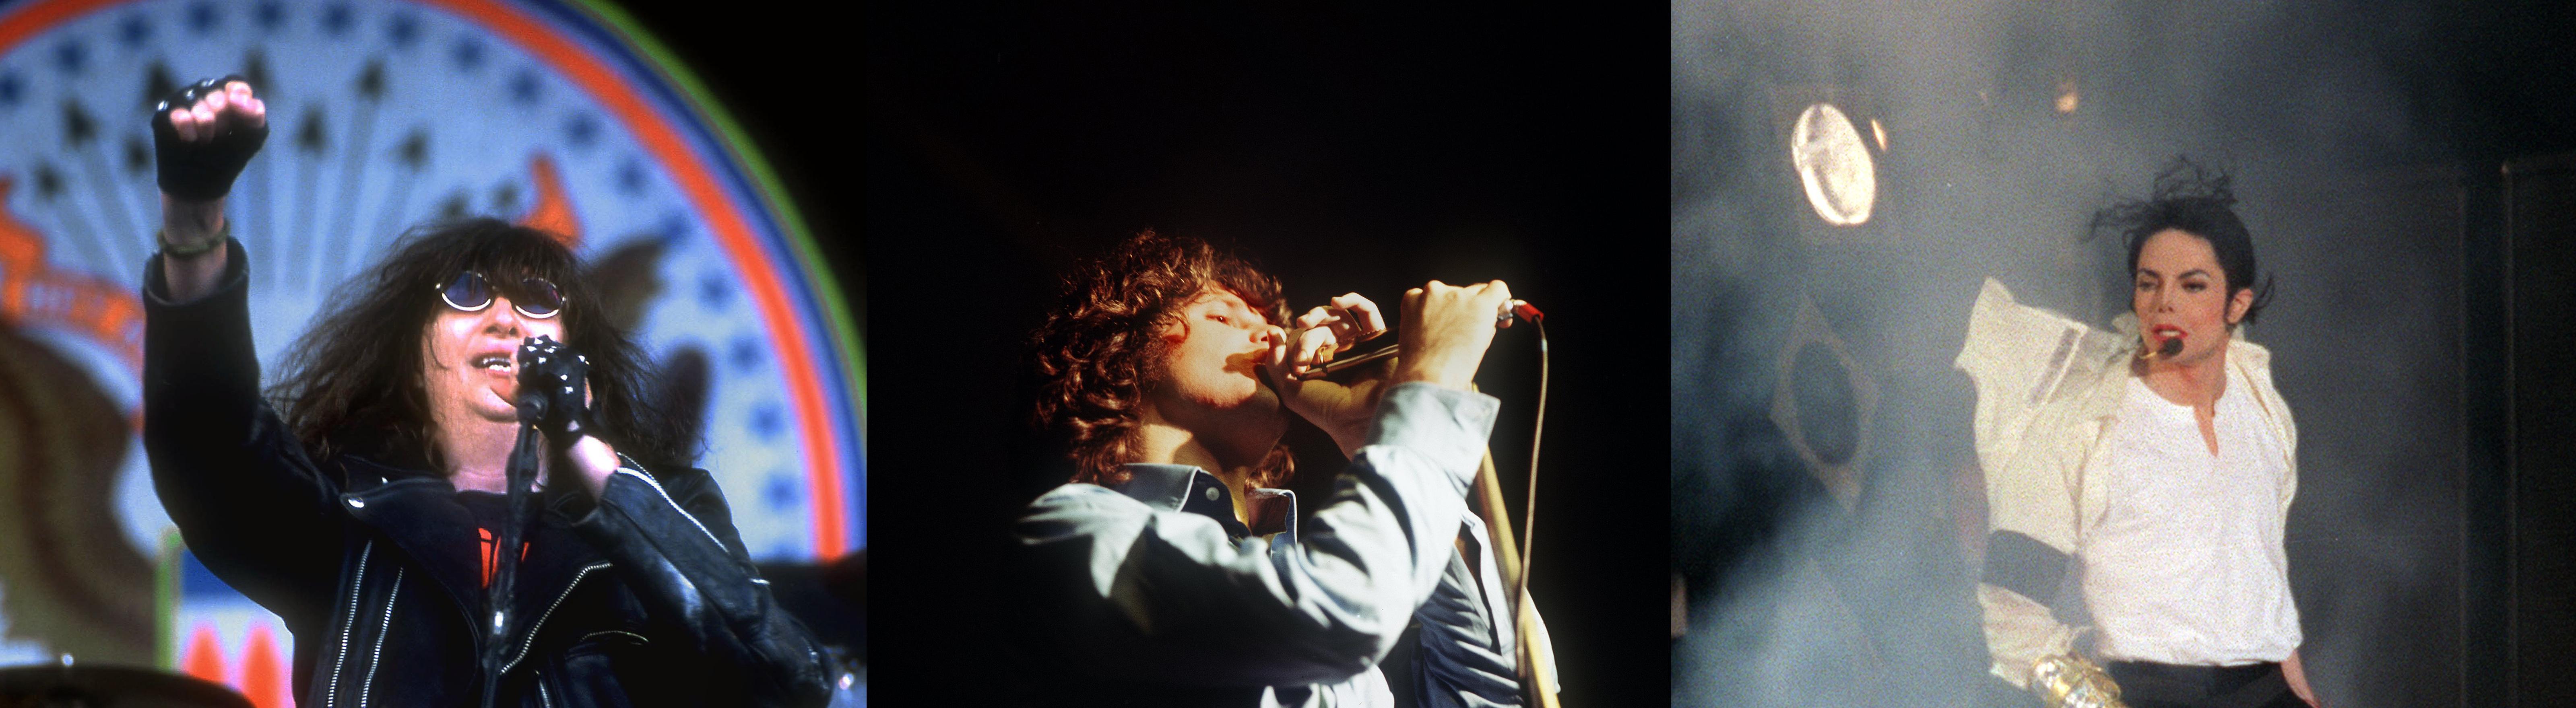 Joey Ramone von den Ramones, Michael Jackson und Jim Morrison von The Doors.